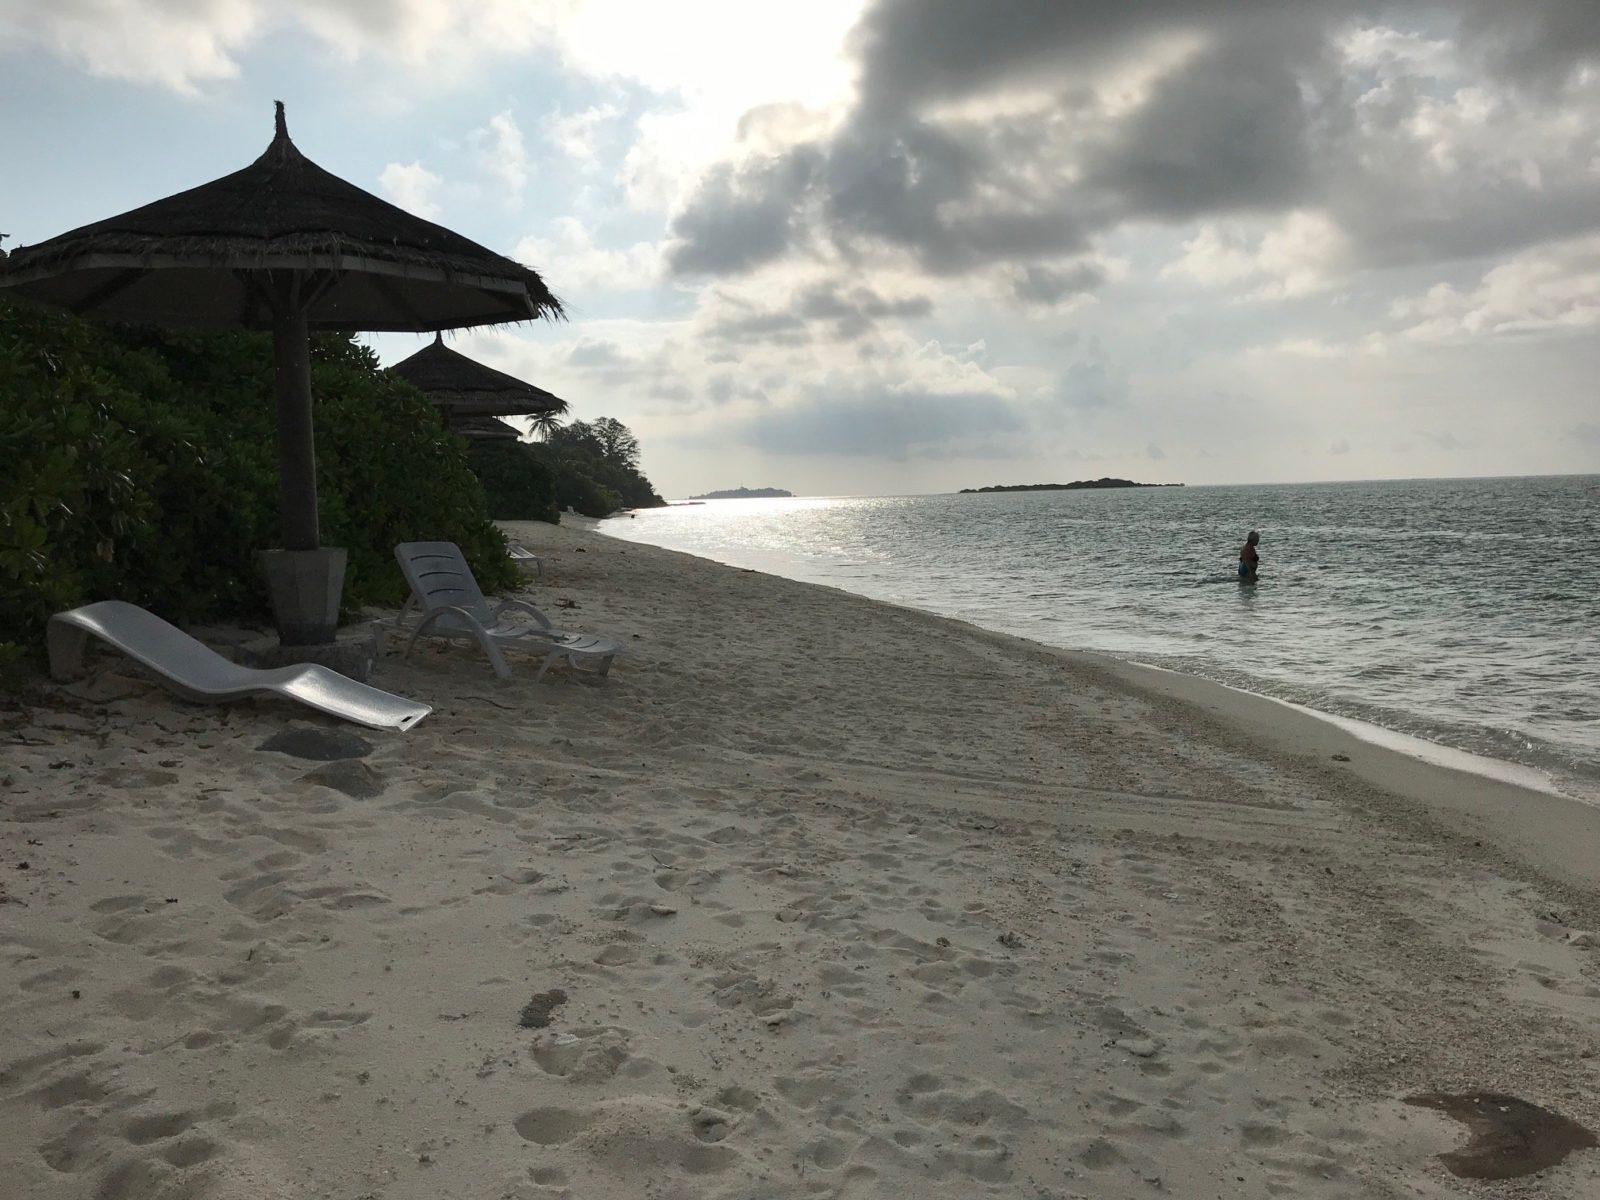 пляж возле кораллового рифа с рыбками на острове Мативери, Мальдивы